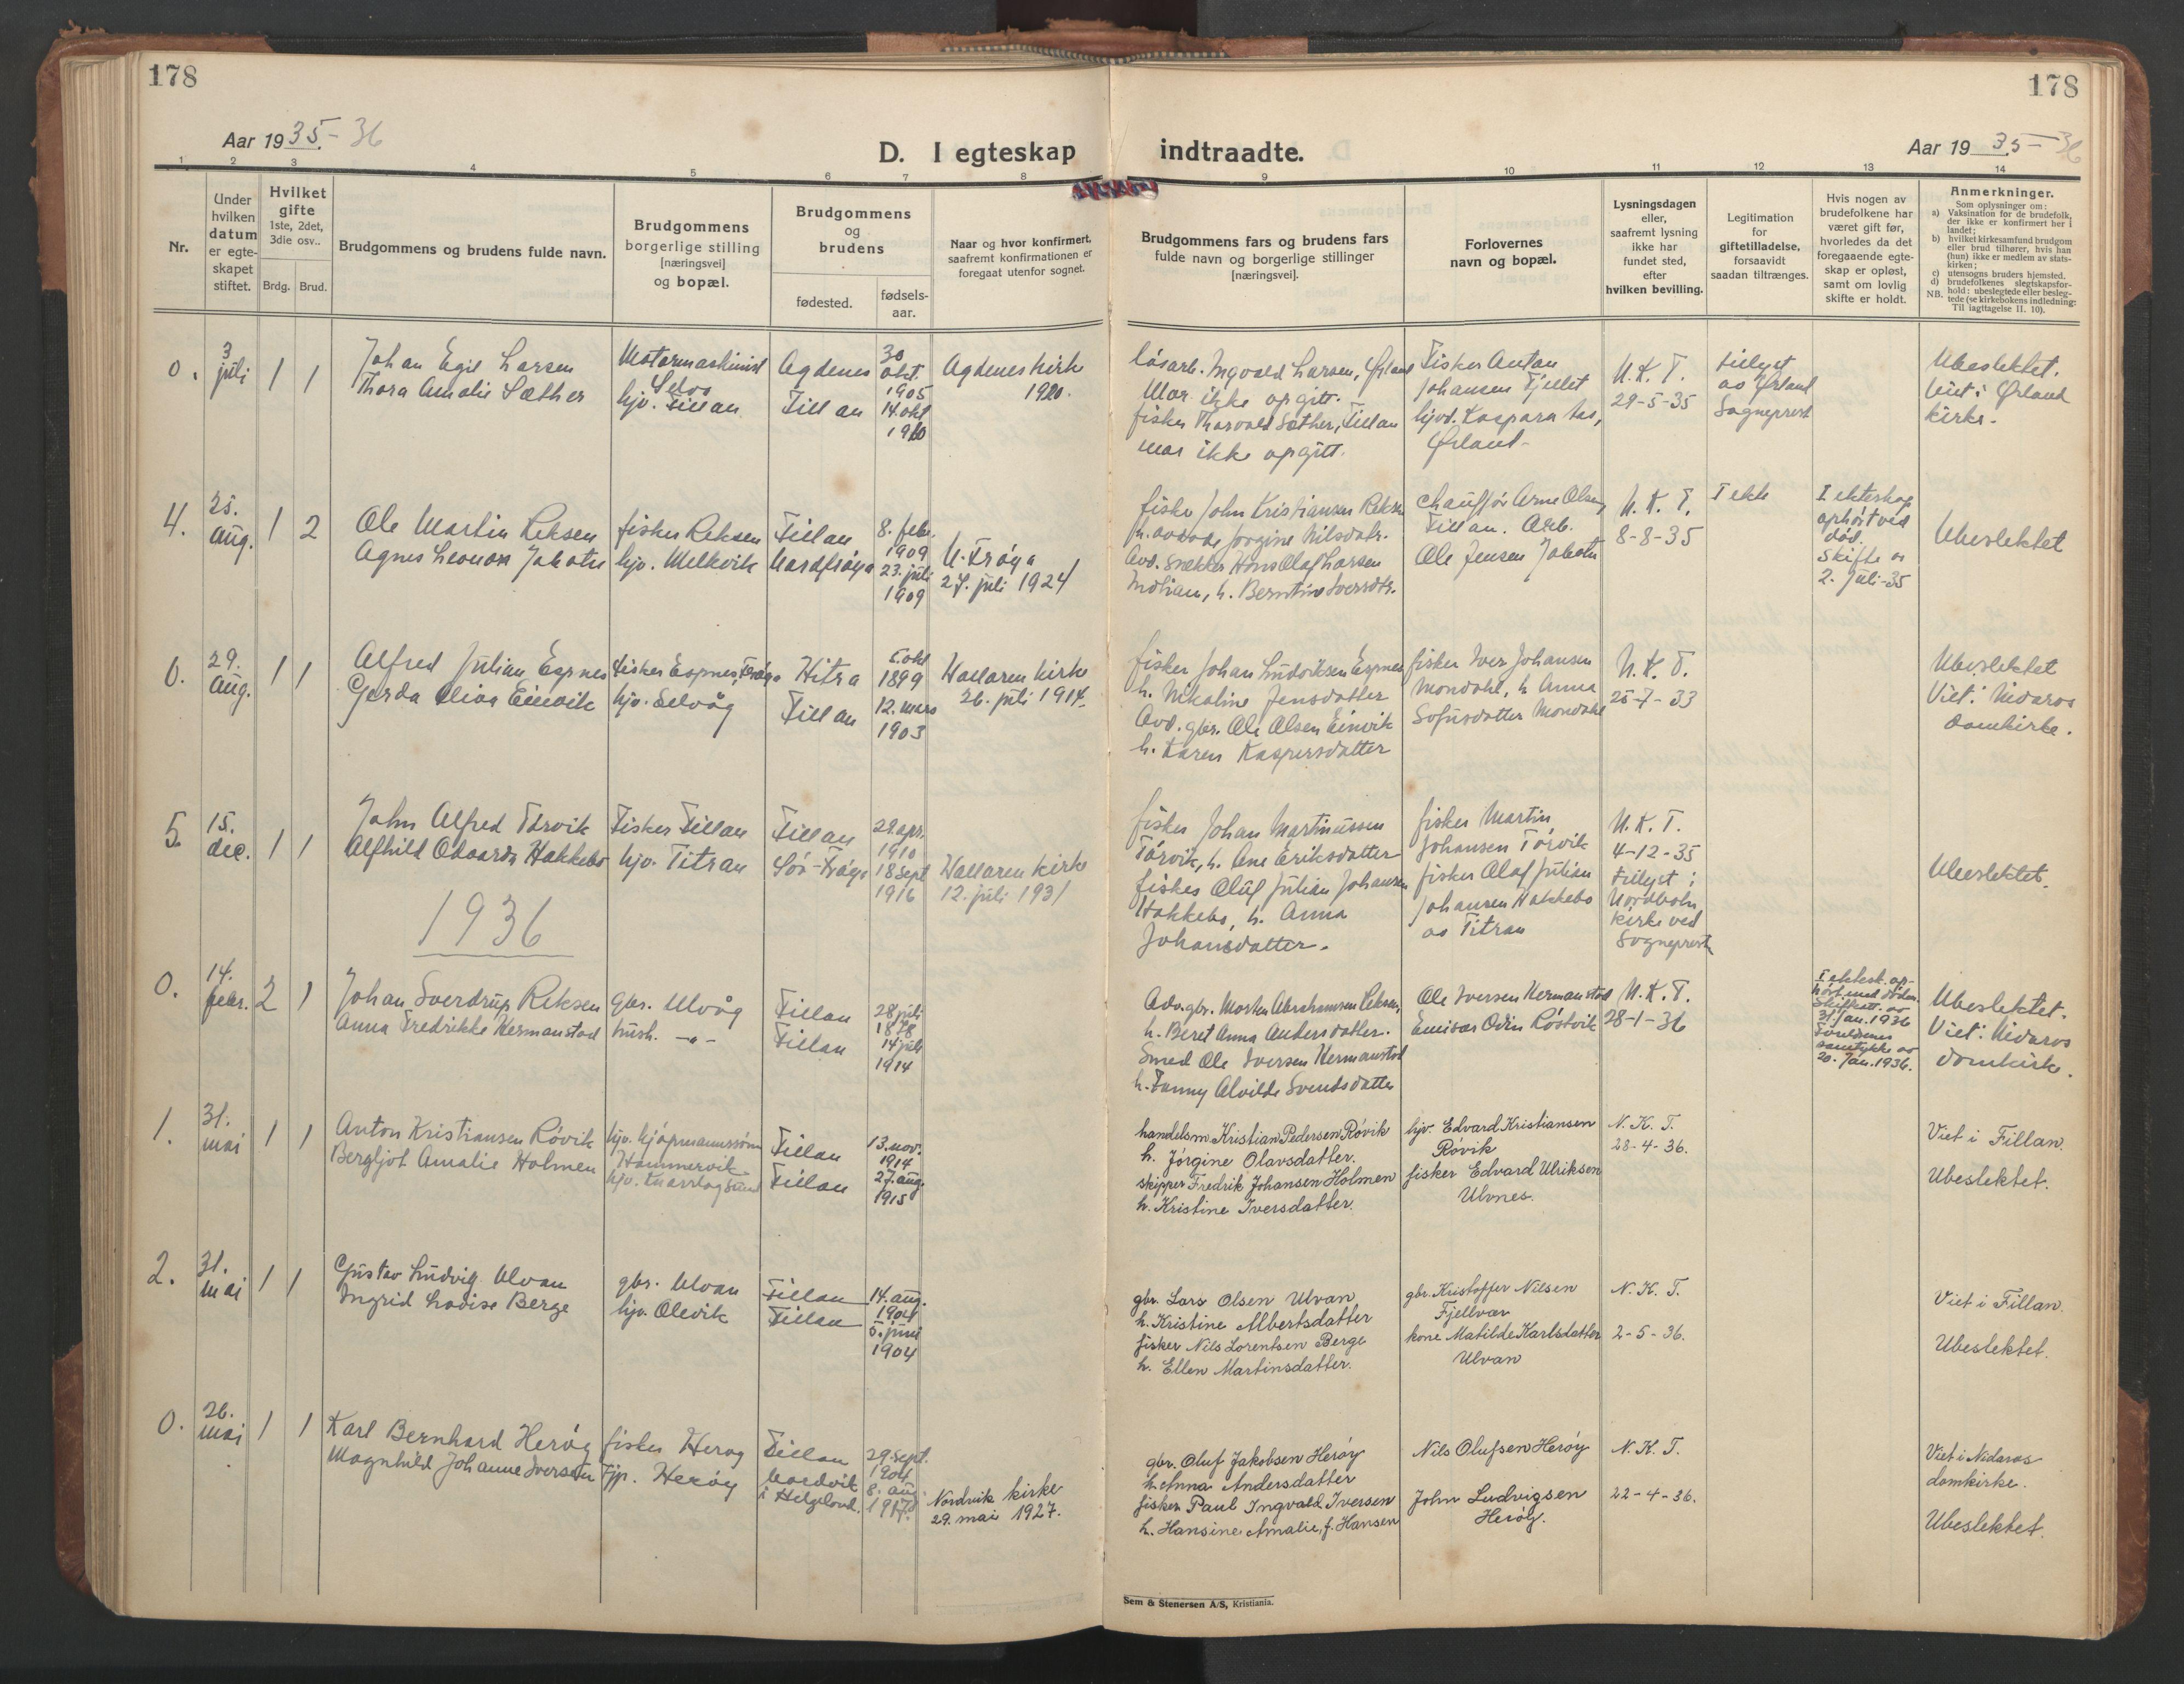 SAT, Ministerialprotokoller, klokkerbøker og fødselsregistre - Sør-Trøndelag, 638/L0569: Klokkerbok nr. 638C01, 1923-1961, s. 178